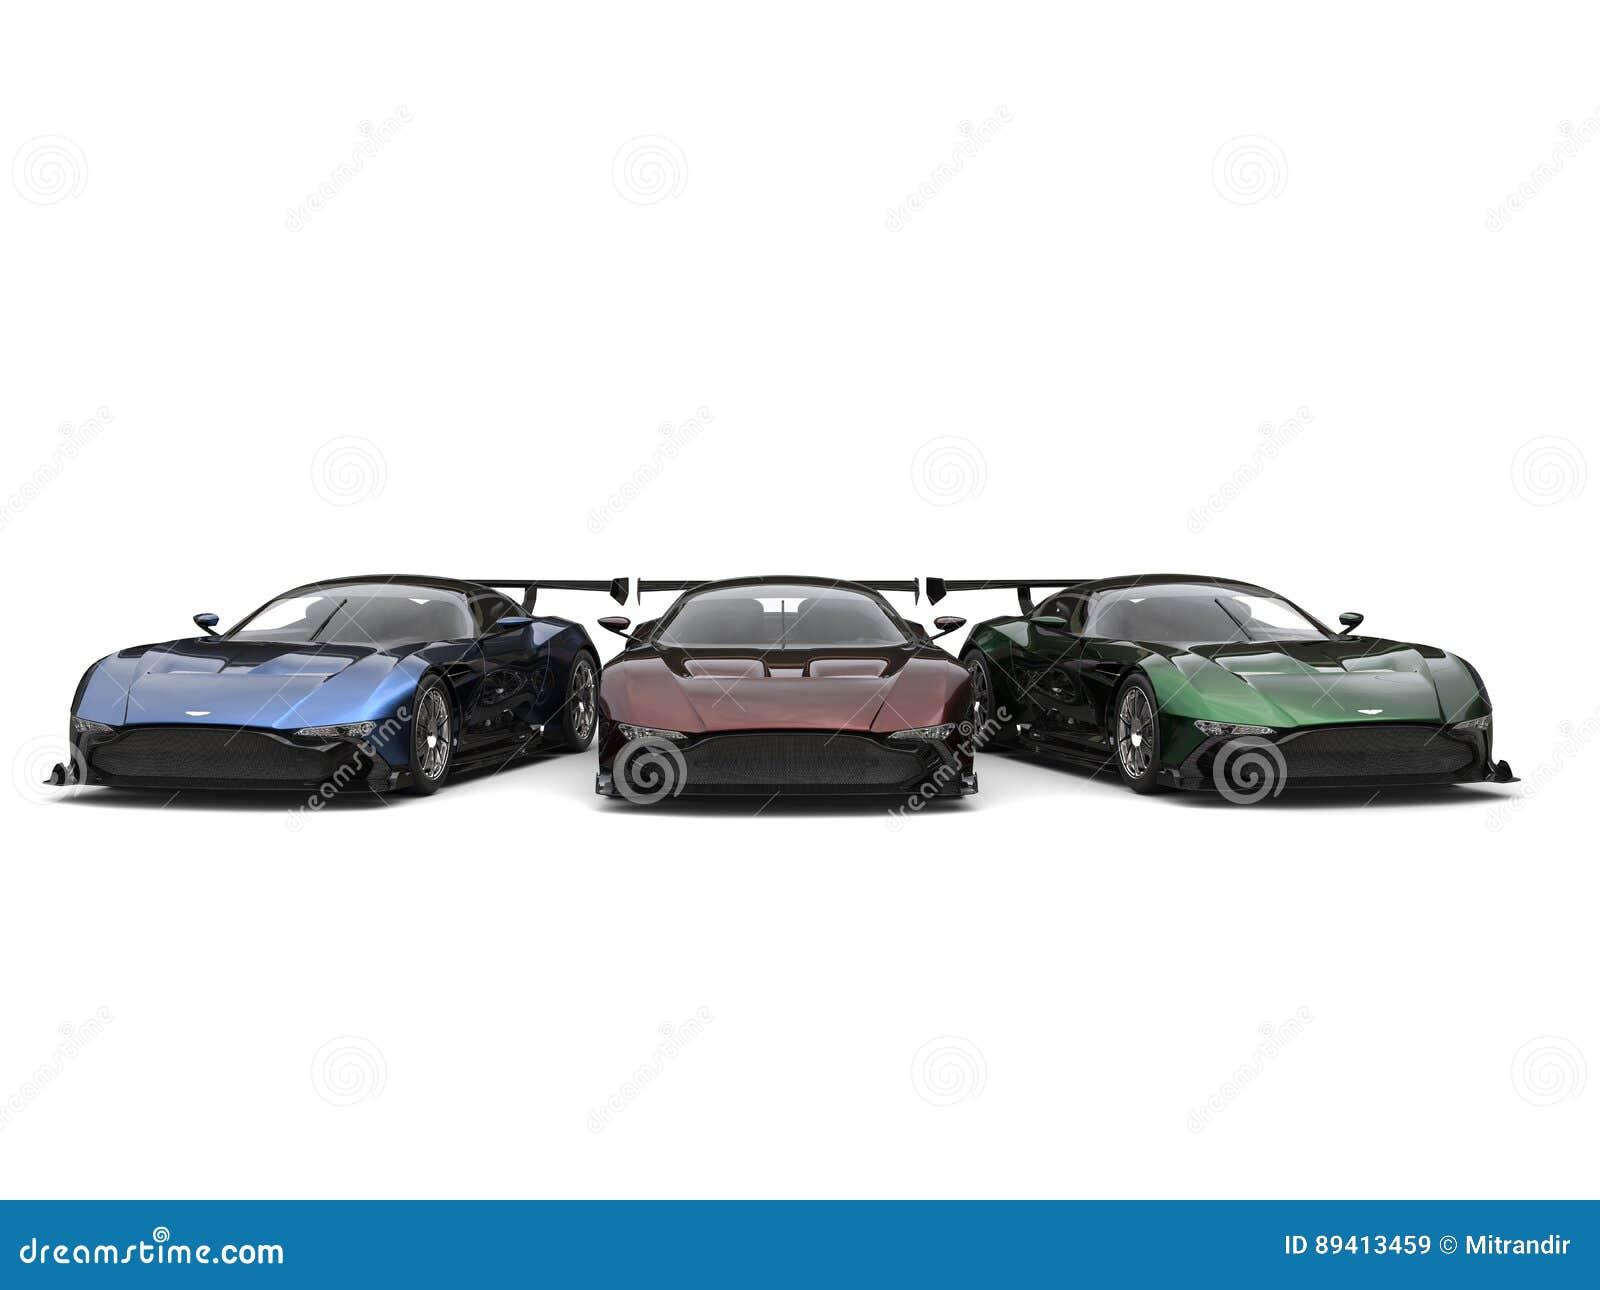 Carros de esportes pintados metálicos modernos impressionantes